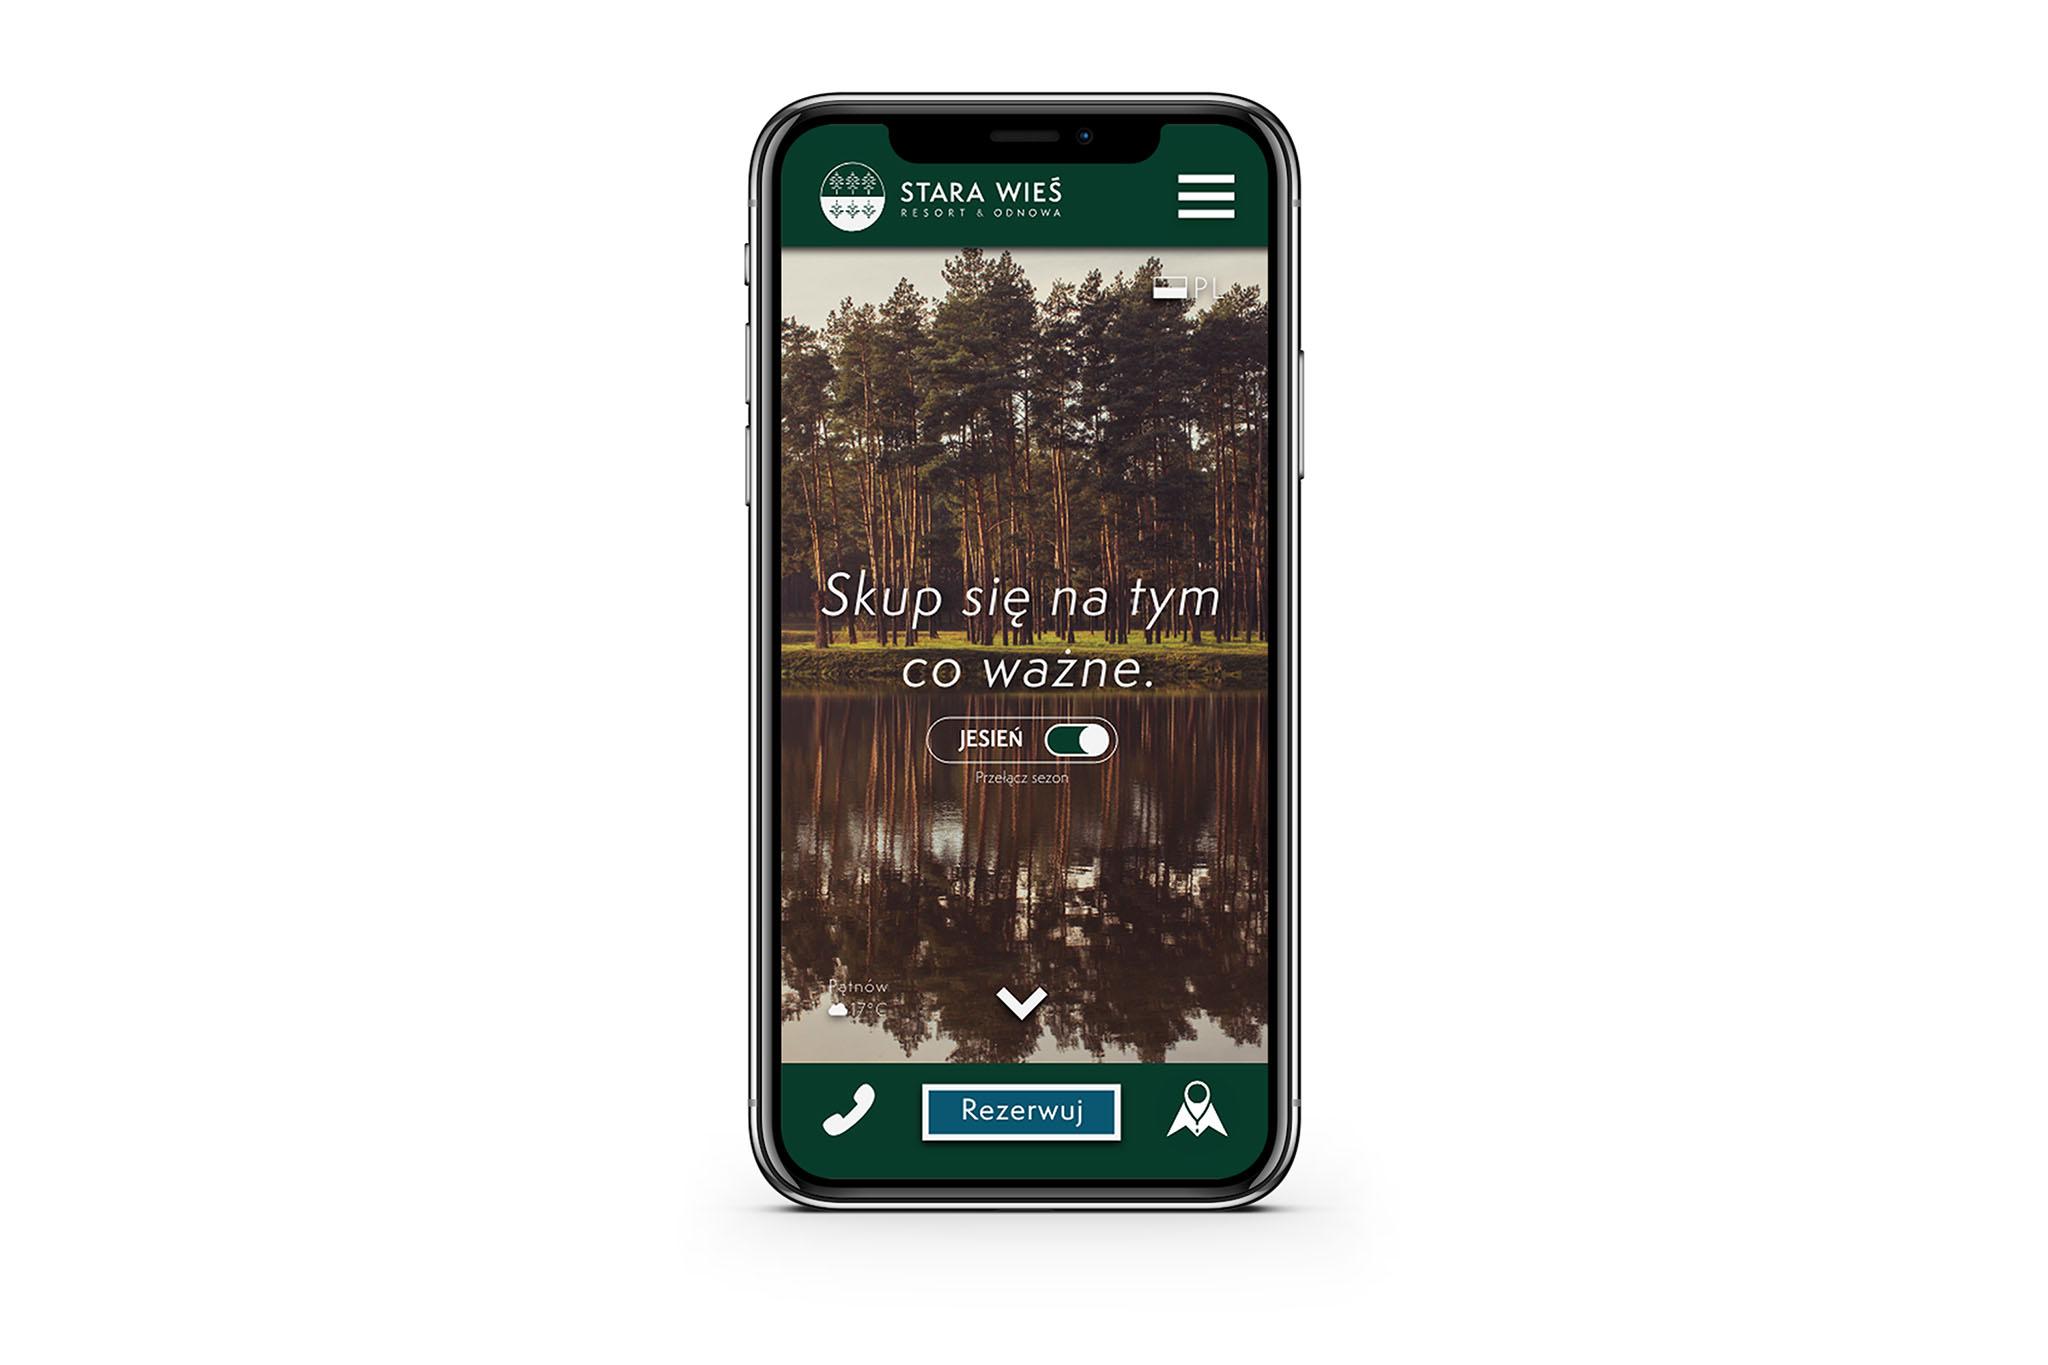 projekt strony stara wies - kto projektował stronę Stara Wieś - Fallow Deer